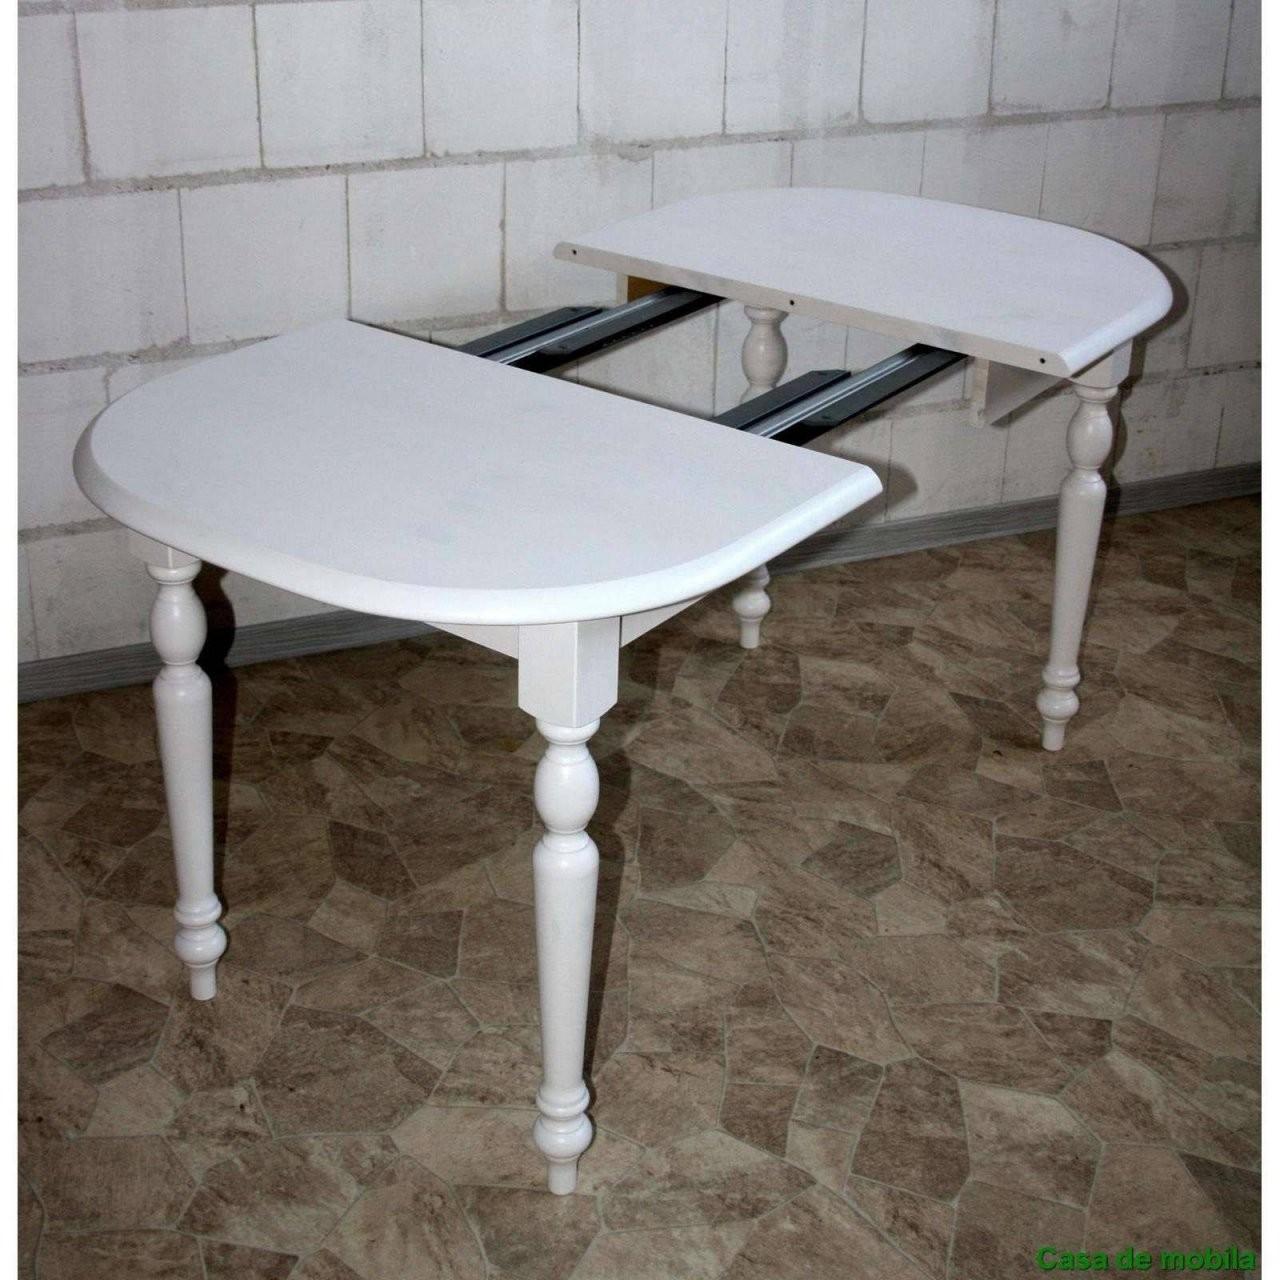 Tisch Rund Weiß Ausziehbar Tolle 28 Design Beste Möbelideen Für von Gartentisch Rund Kunststoff Weiß Photo